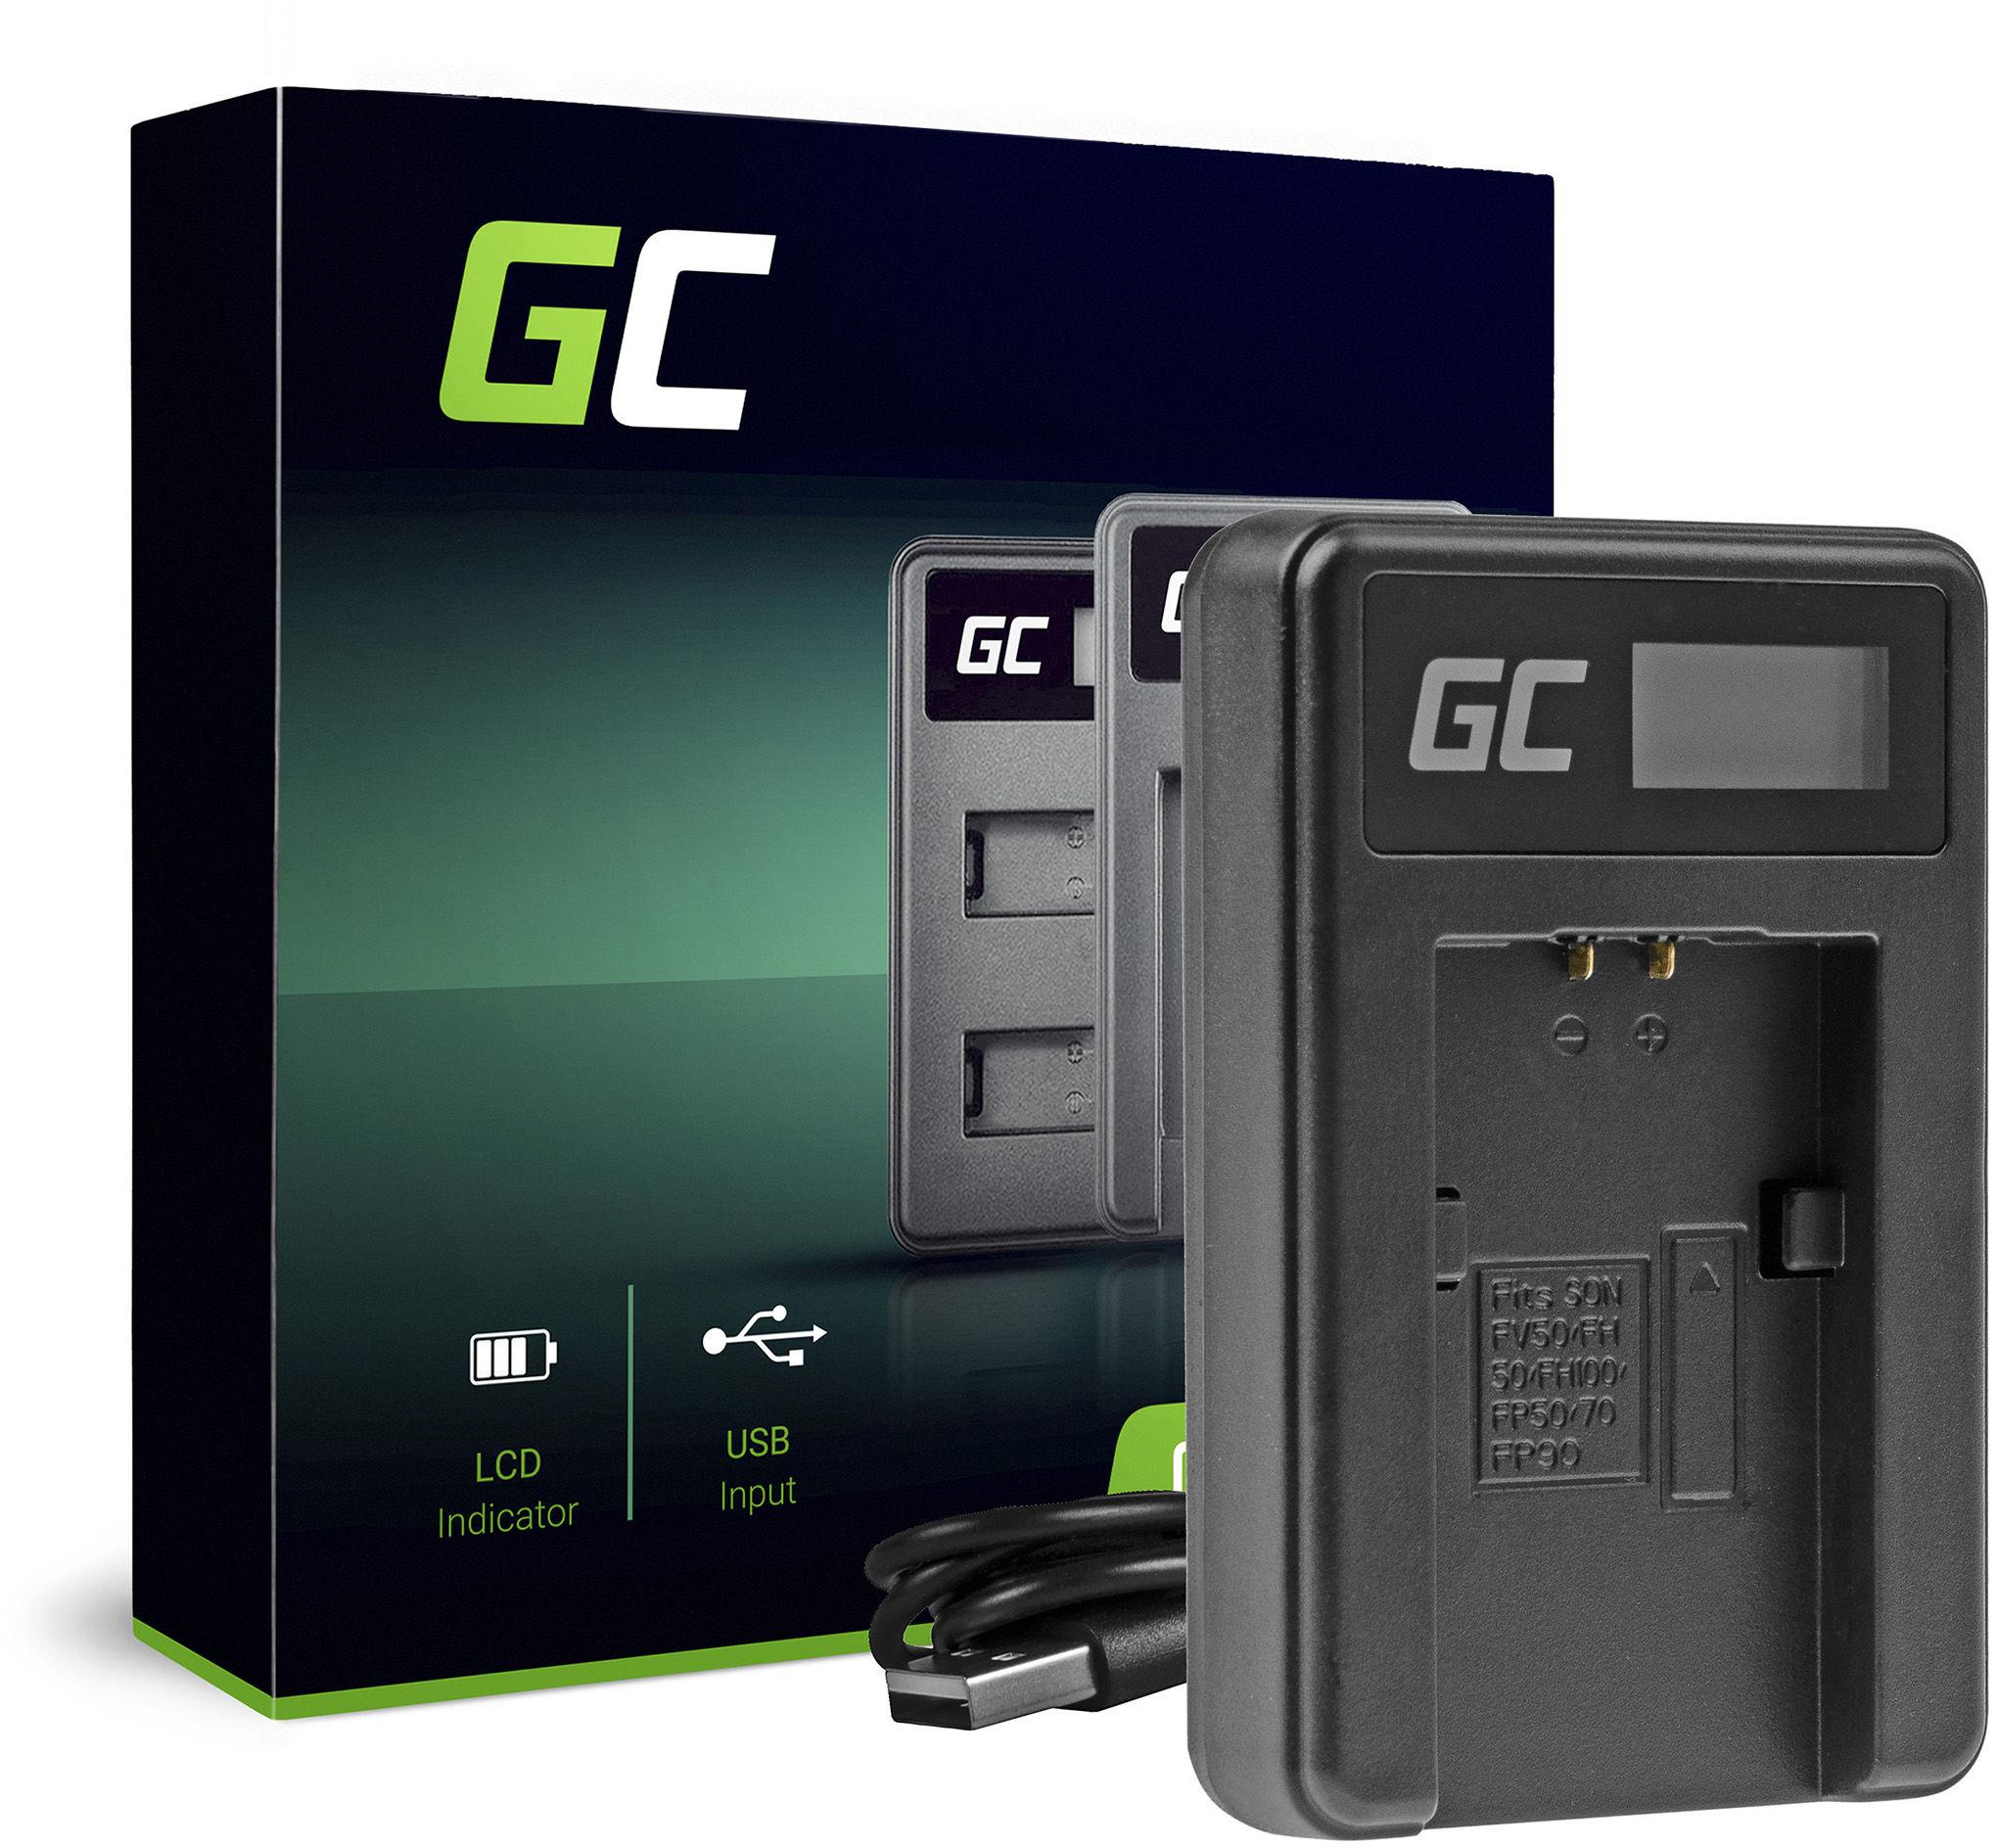 Ładowarka BC-TRP Green Cell  do Sony NP-FH50 DCR-HC45 SR32 SR33 SR35 SR36 SR37 SR38 SR40 SR50 SR60 SR80 SR100 SR300E SR70 SX50E